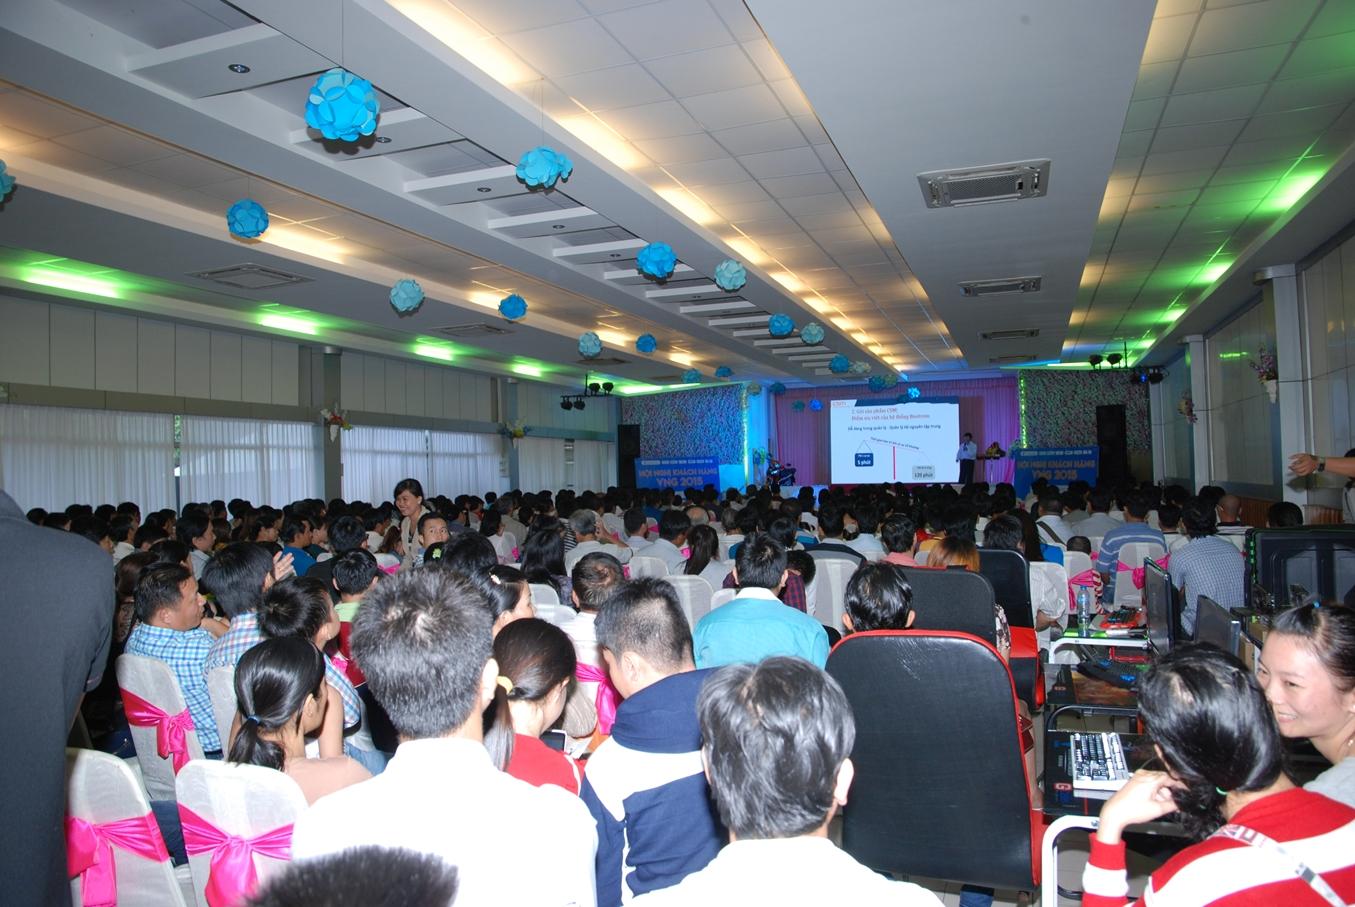 Hình ảnh từ Hội Nghị Khách Hàng CSM tại Tiền Giang